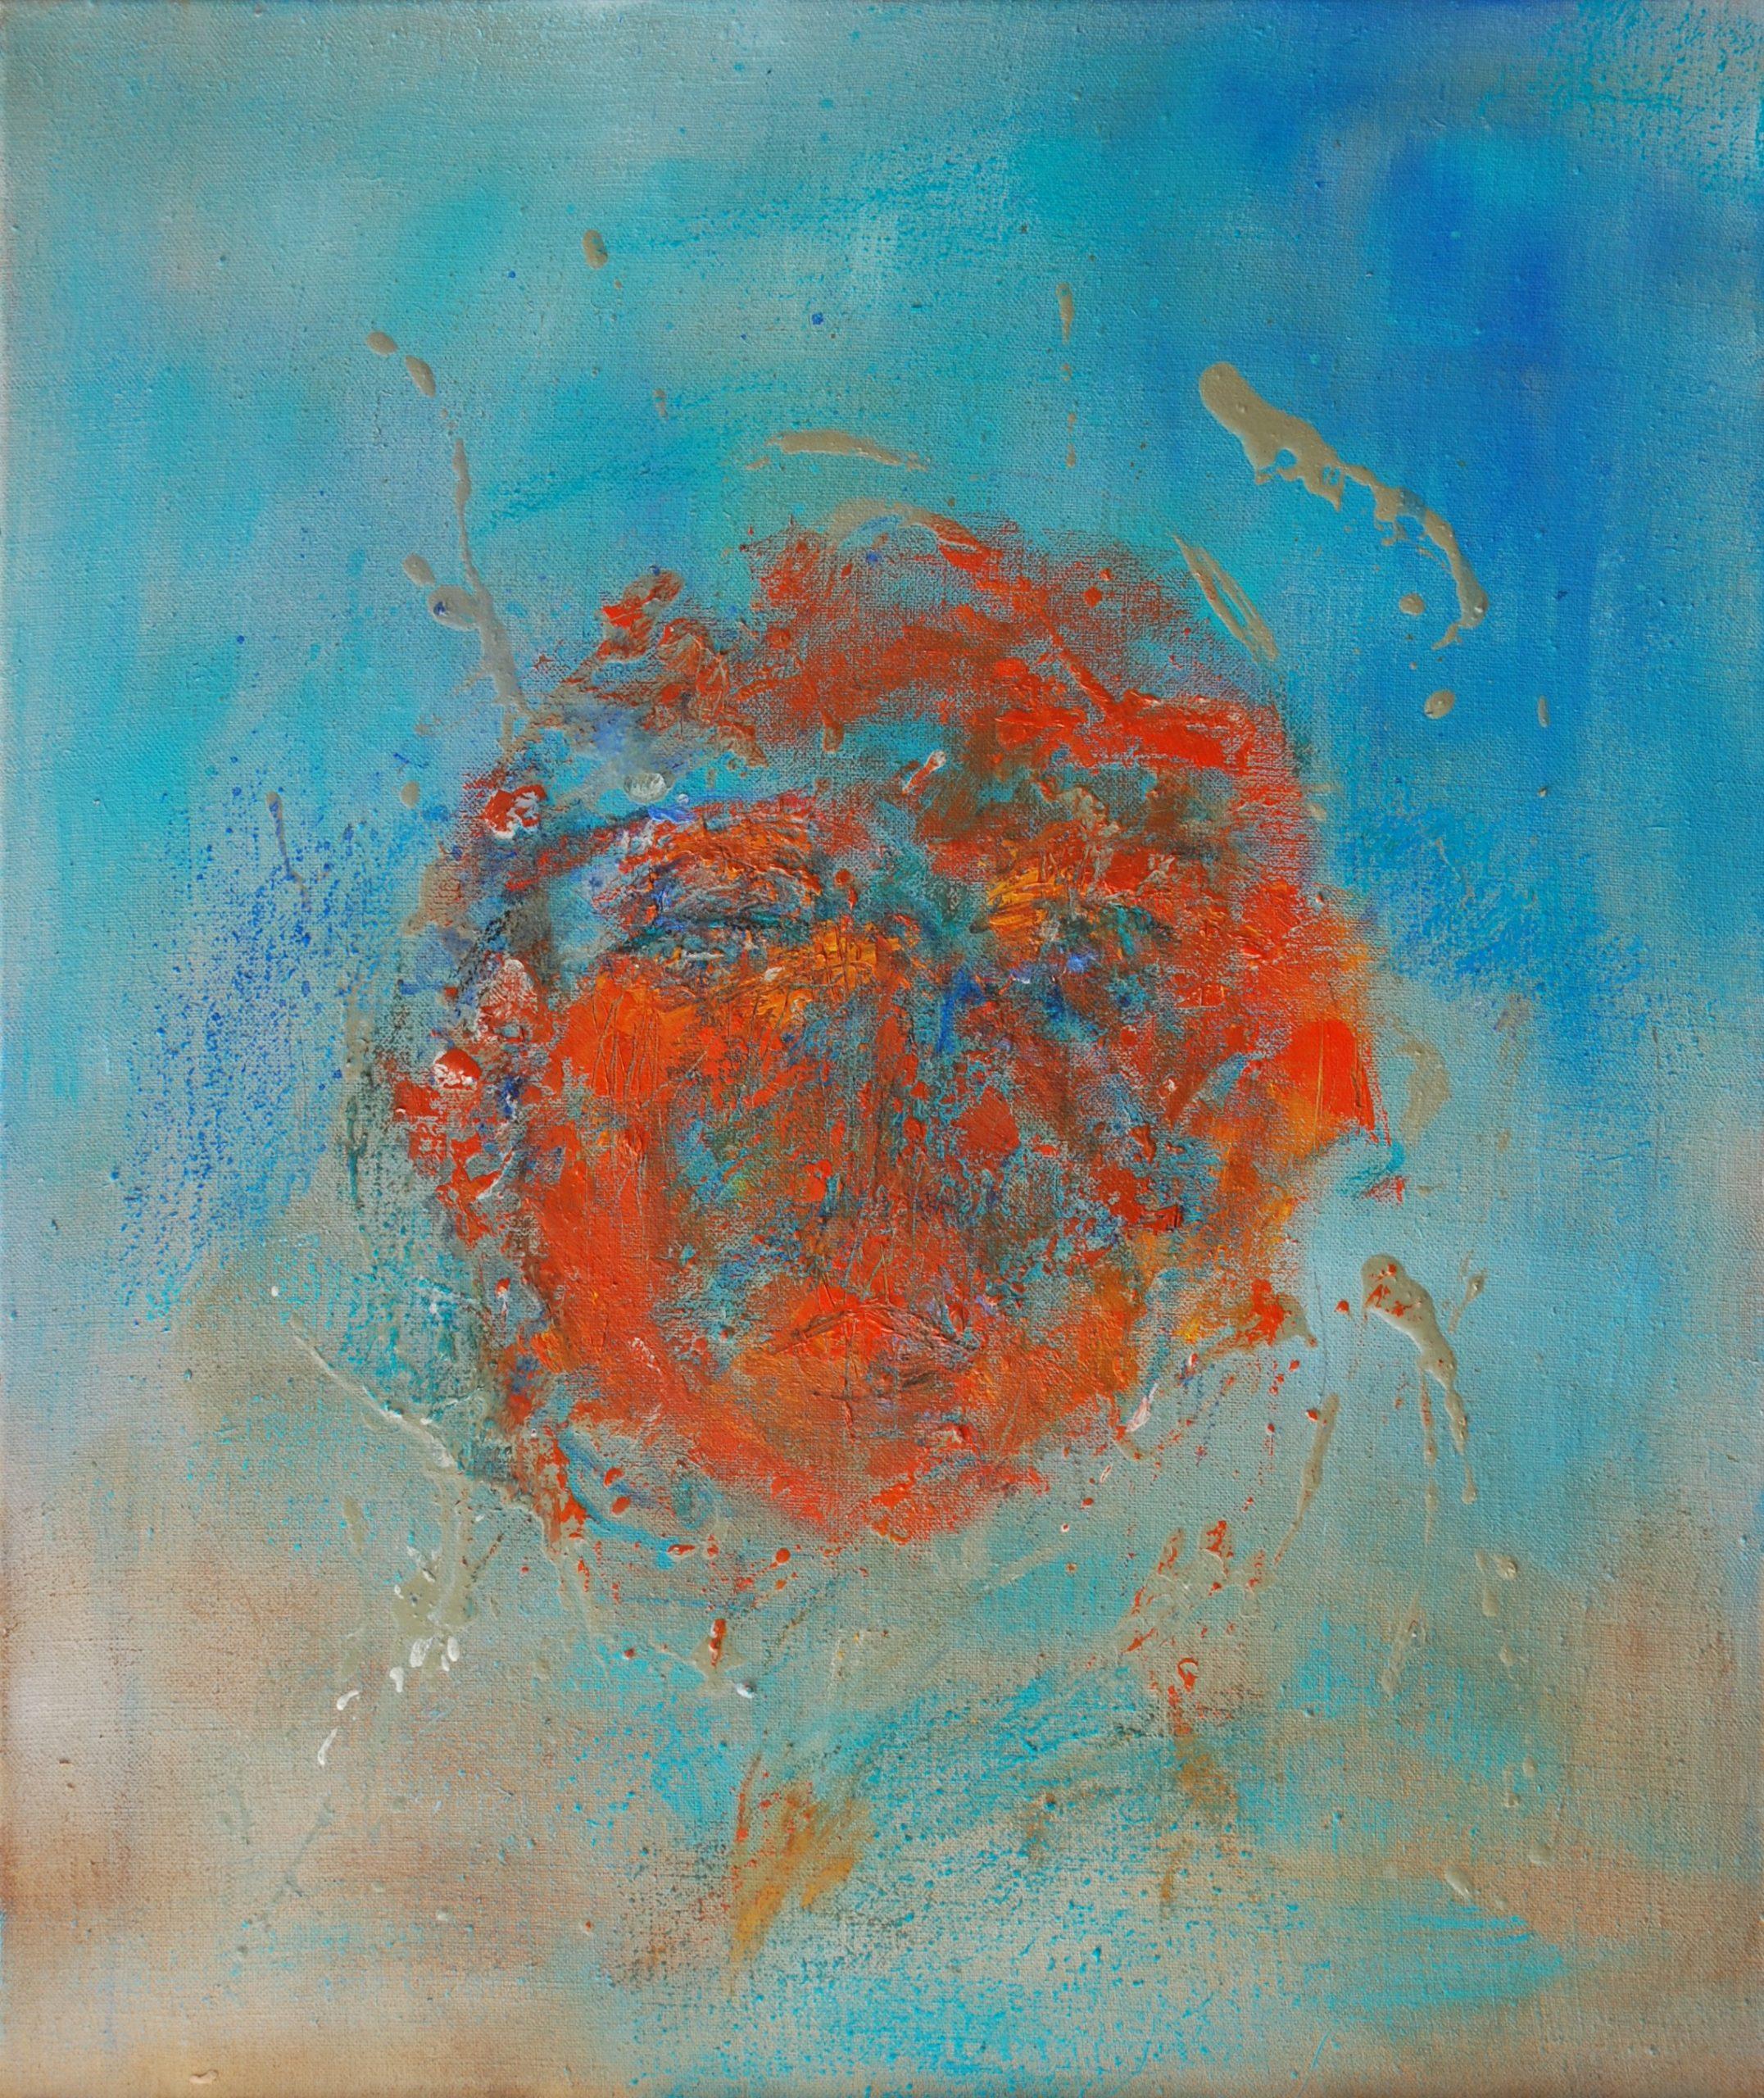 métamorphose 2 huile sur toile 65x55 cm